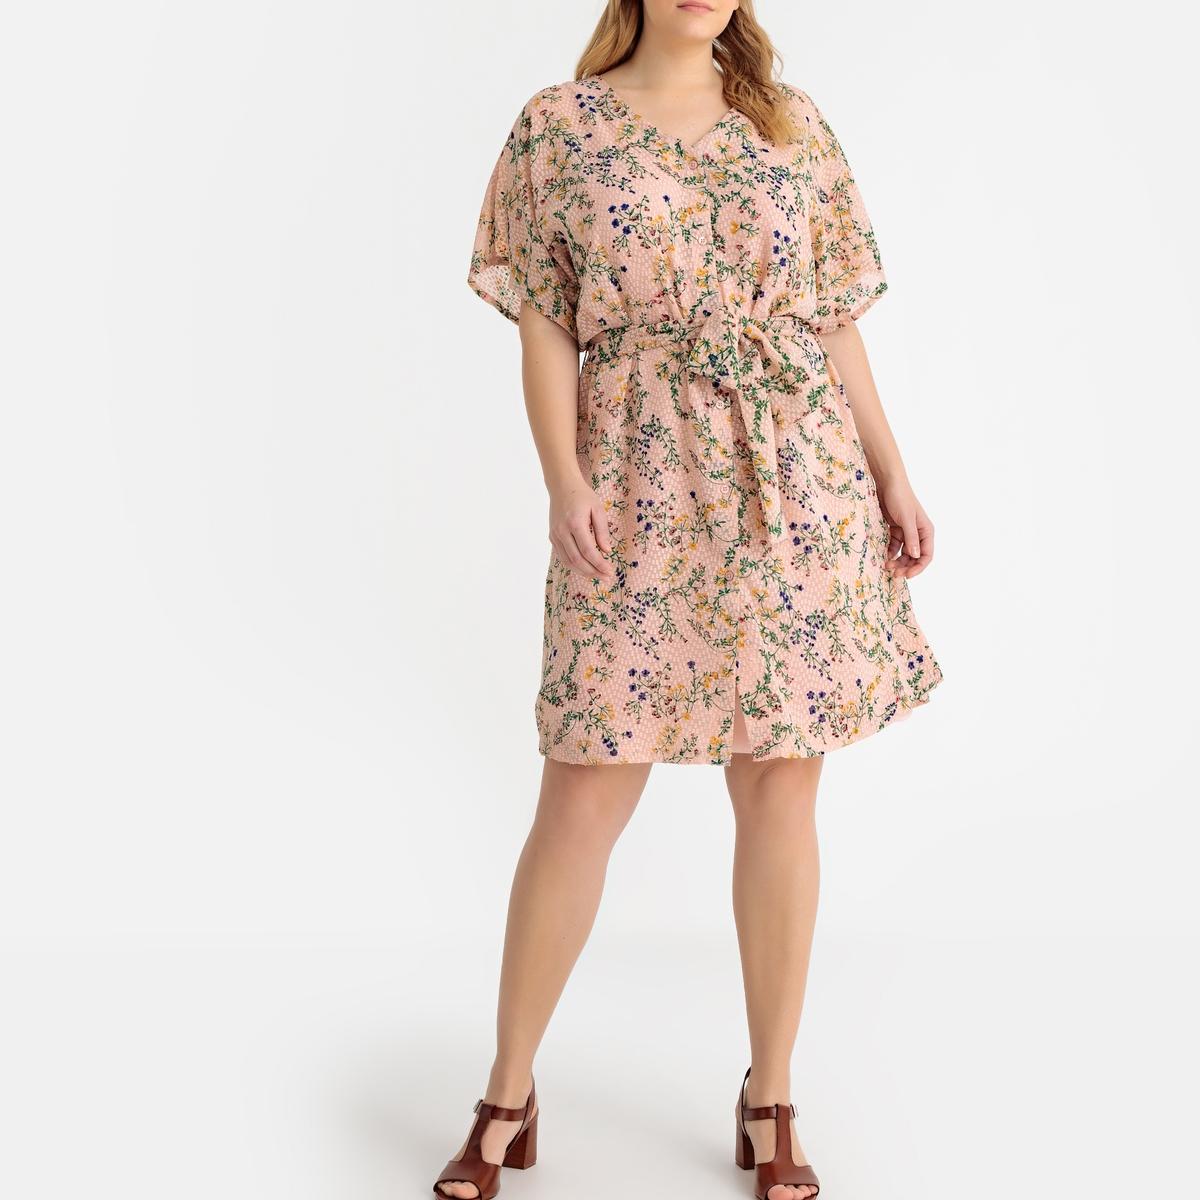 Платье-миди La Redoute Прямое с цветочным рисунком 48 (FR) - 54 (RUS) зеленый платье прямое с цветочным рисунком и контрастной полосой сзади